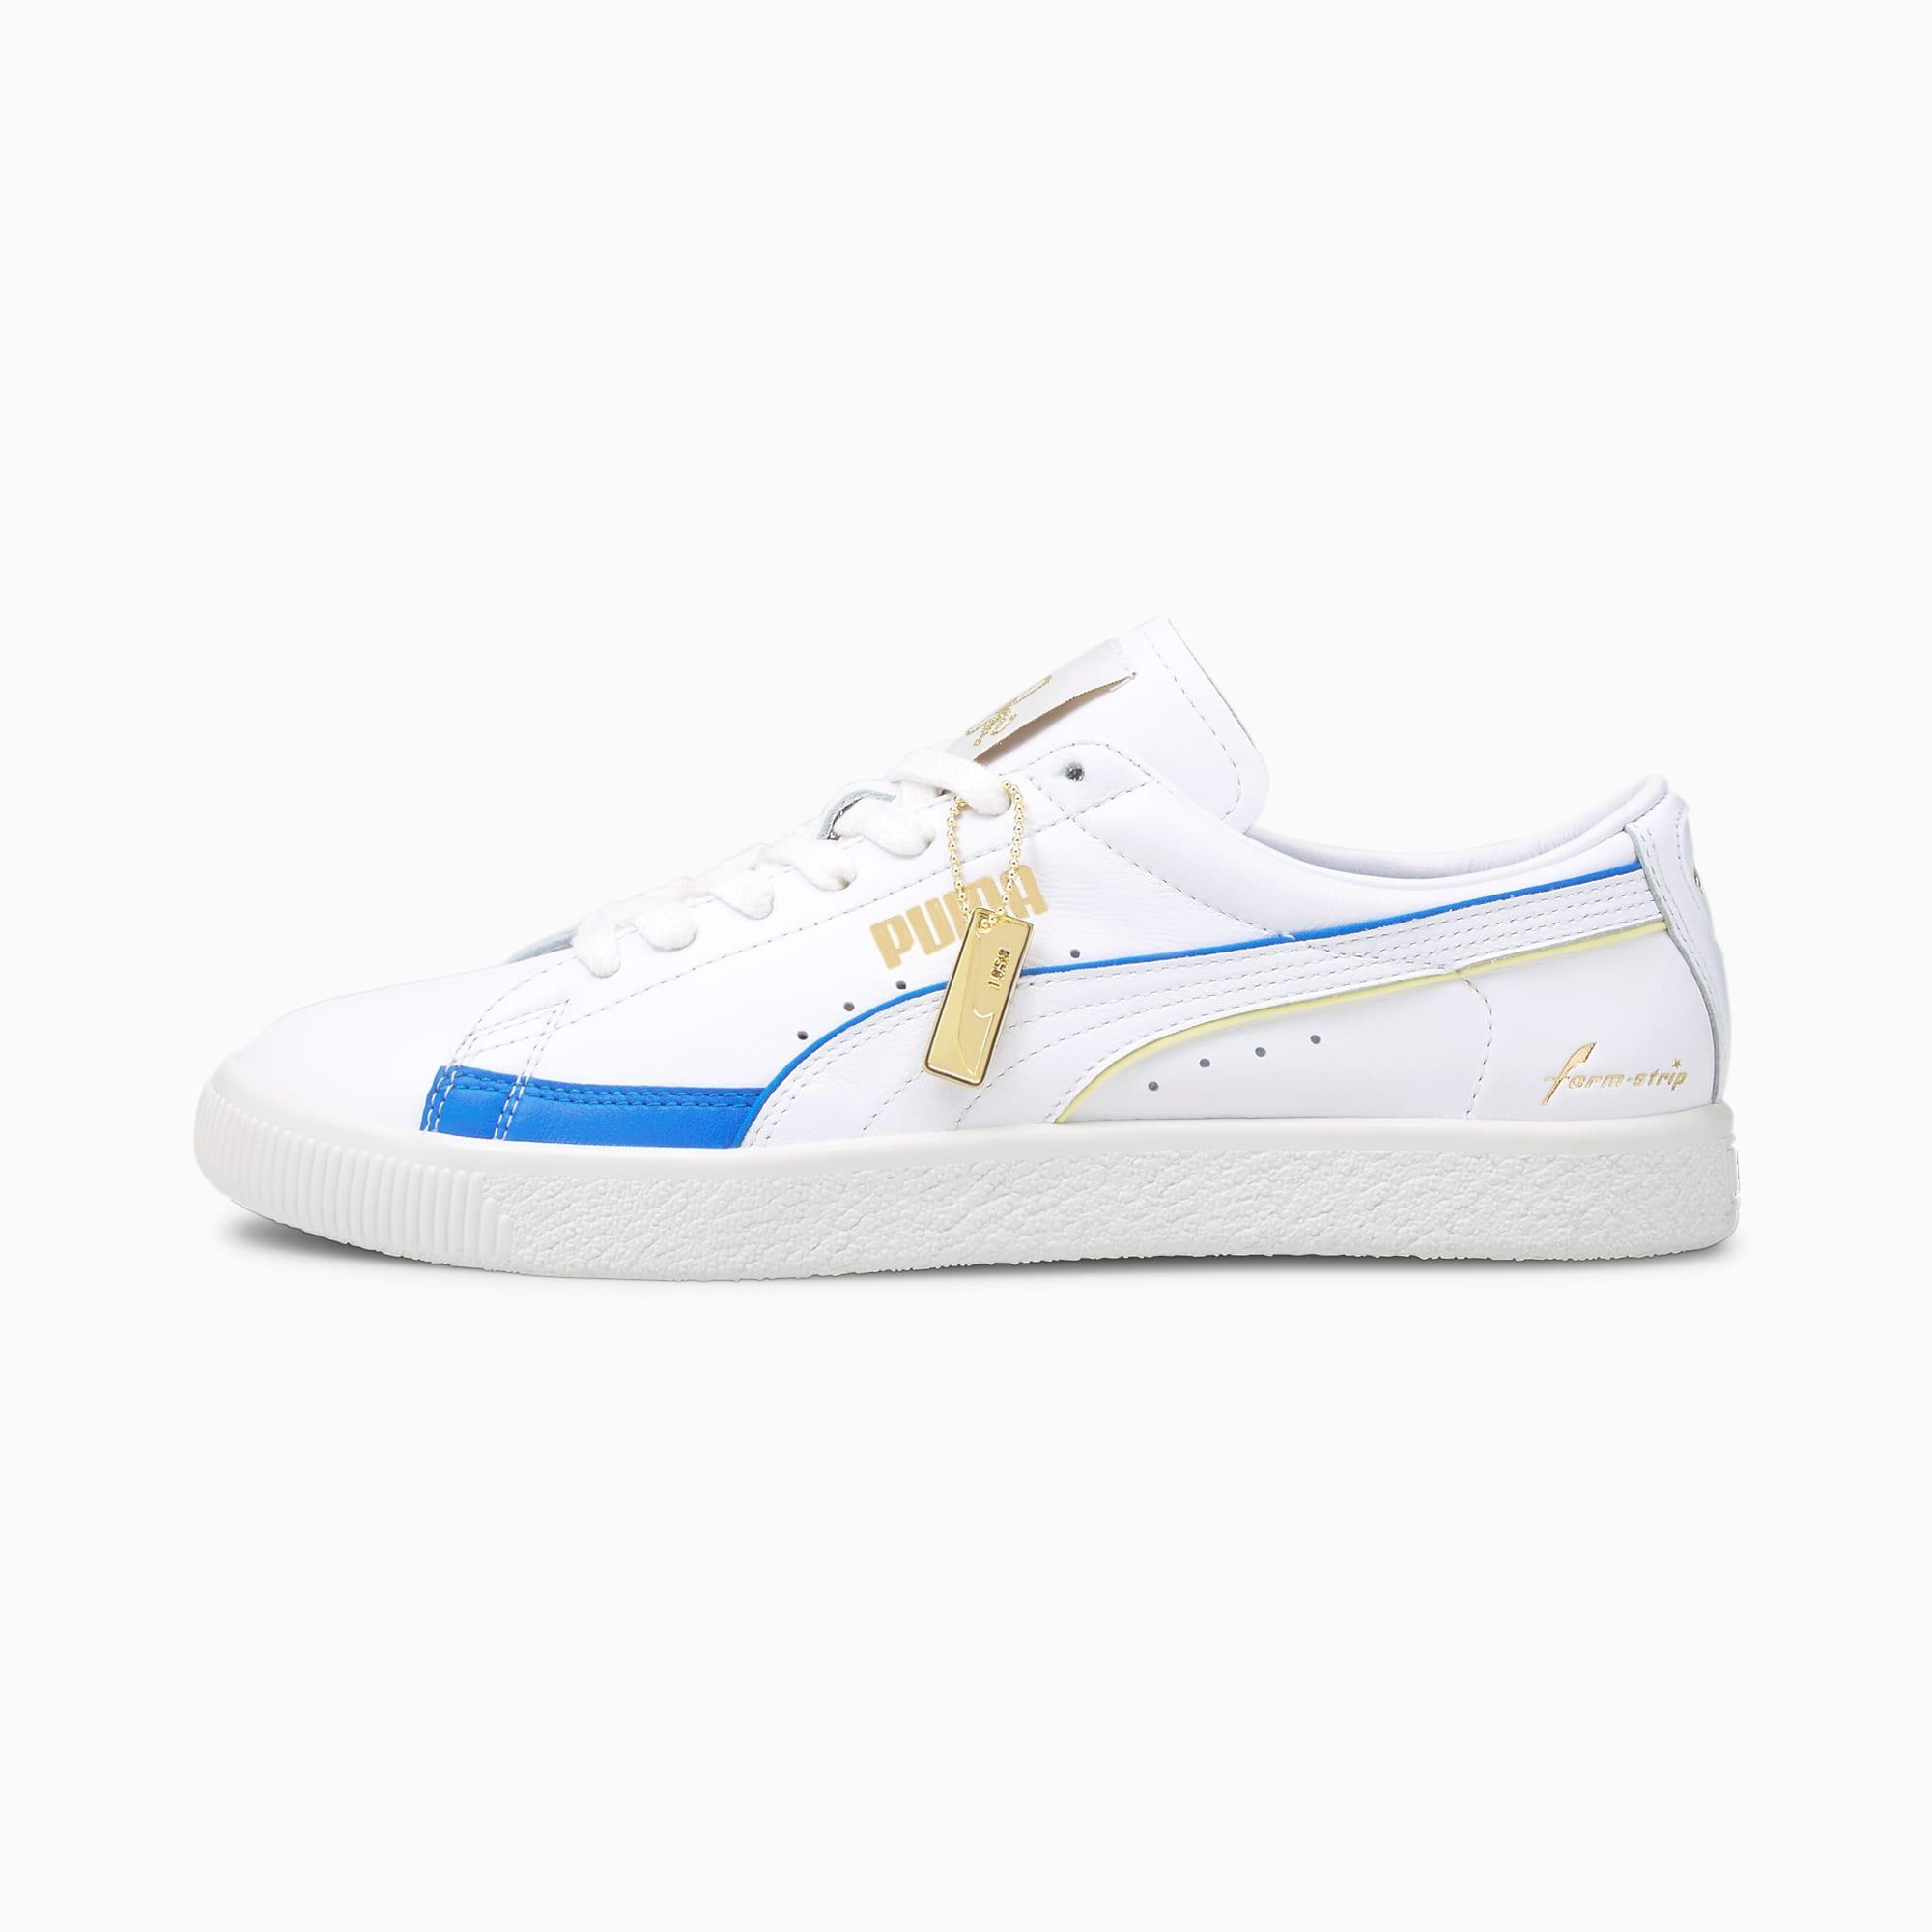 PUMA Basket Rudolf Dassler Legacy Vintage Herren Sneaker Schuhe | Mit Aucun | Weiß/Blau/Grau | Größe: 42.5